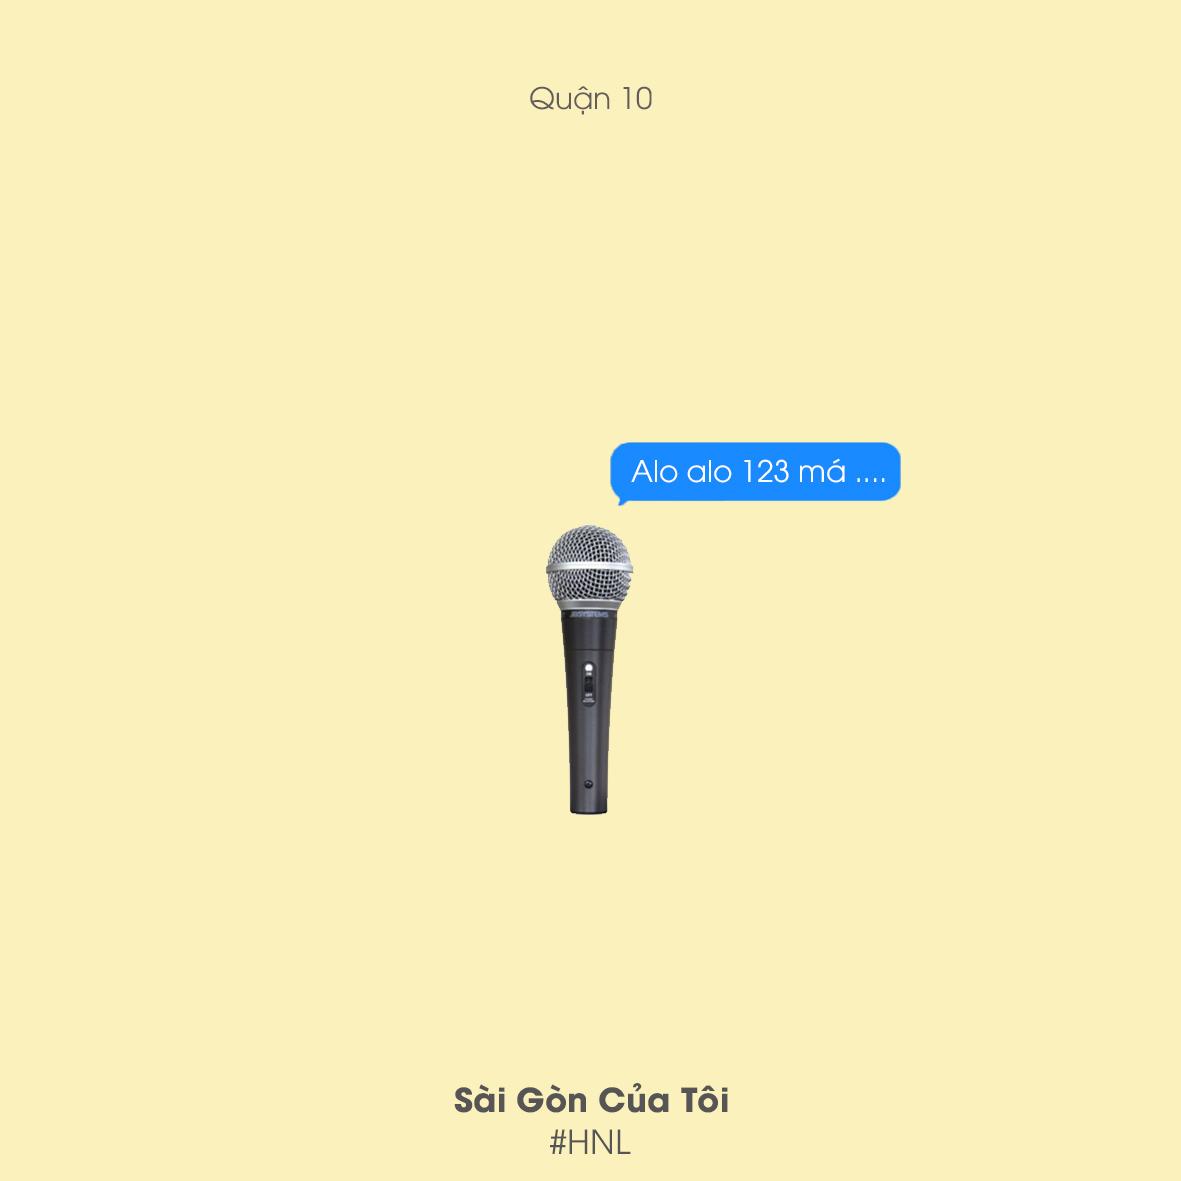 Nghe hết âm thanh đặc trưng của 24 quận huyện Sài Gòn để biết vì sao ở đây nhộn nhịp quá chừng! - Ảnh 18.